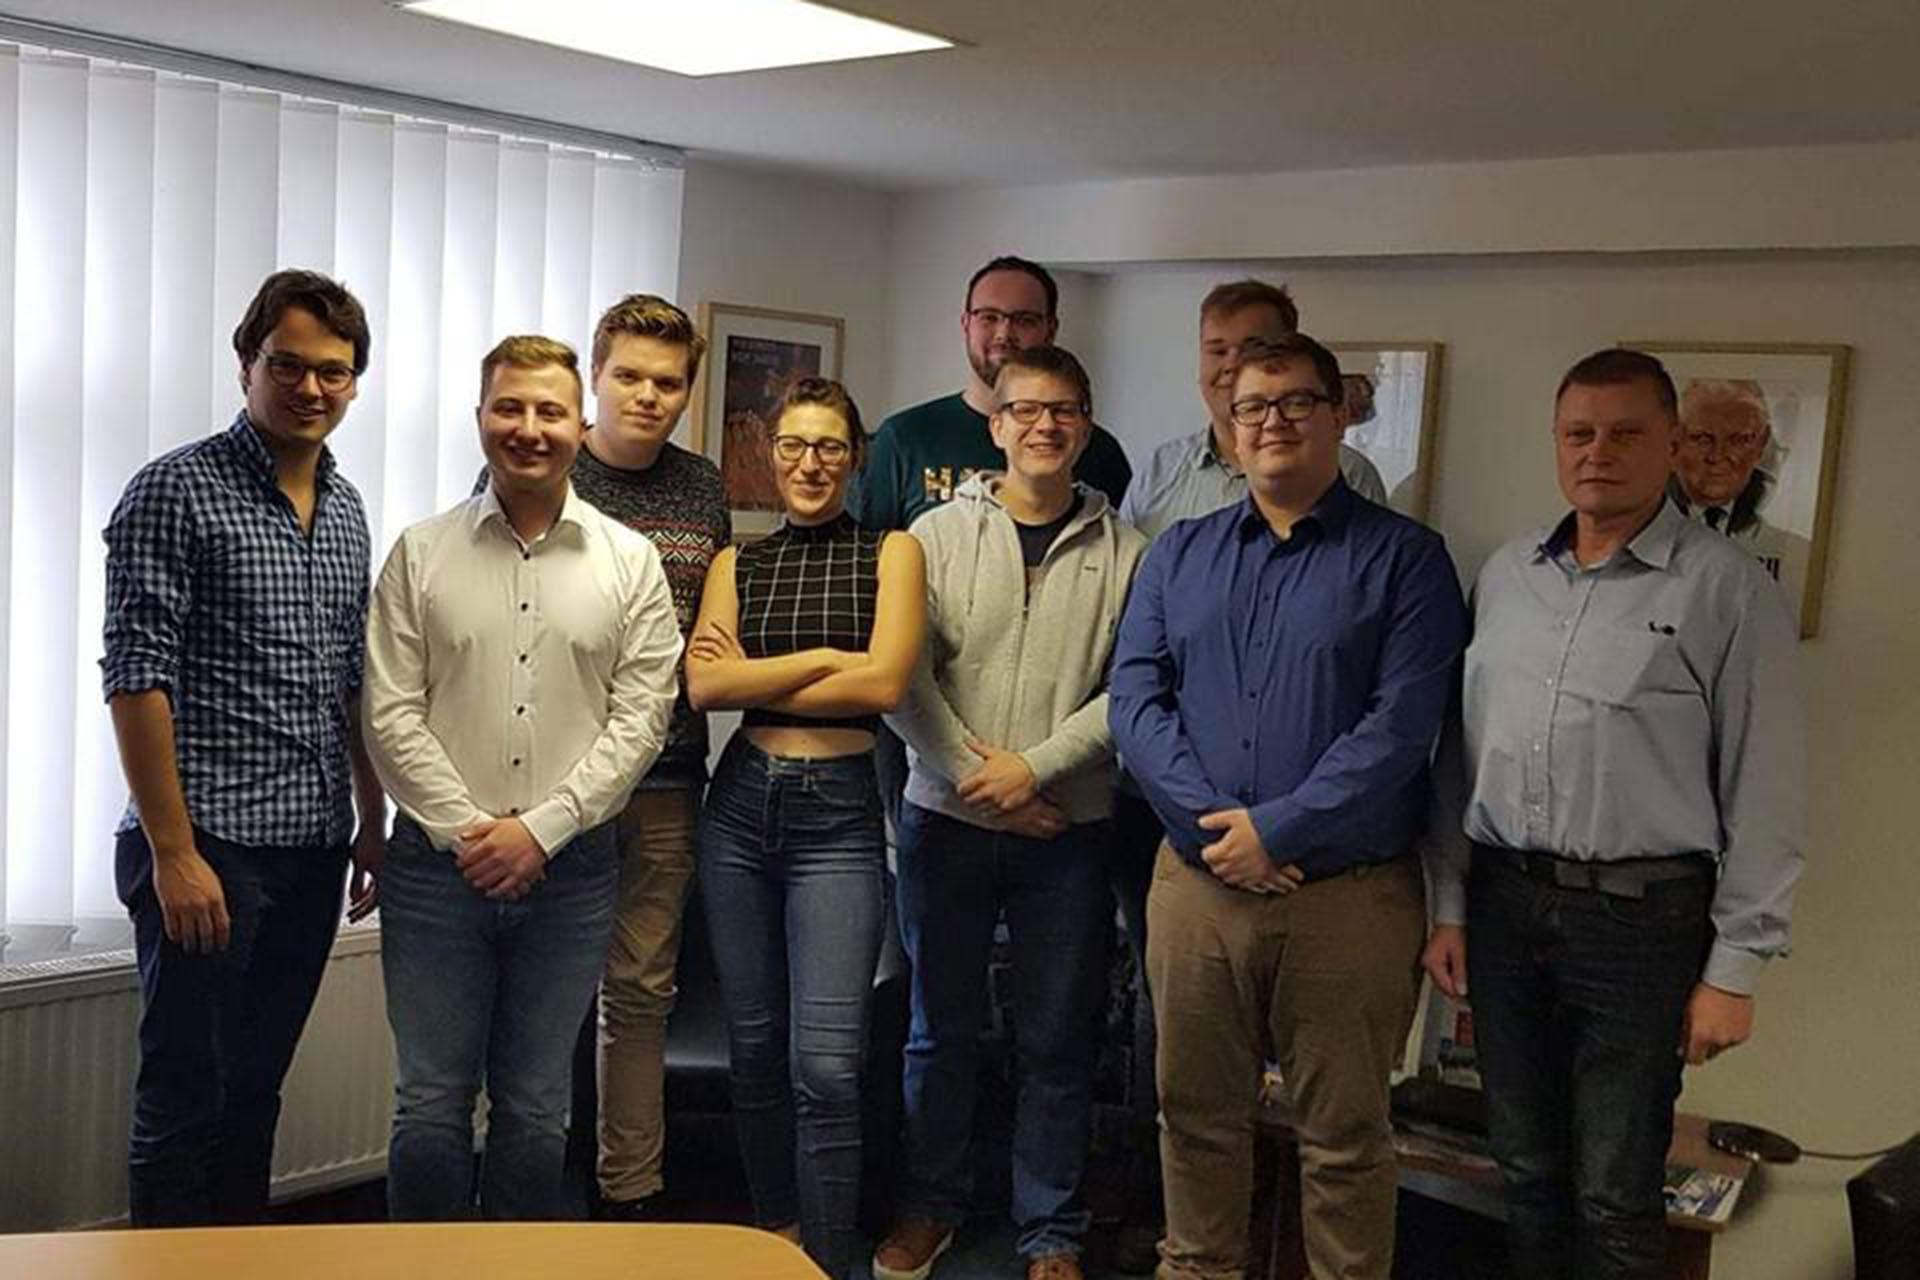 Kreisverband der Jungen Union Greiz: Neuer Vorstand gewählt